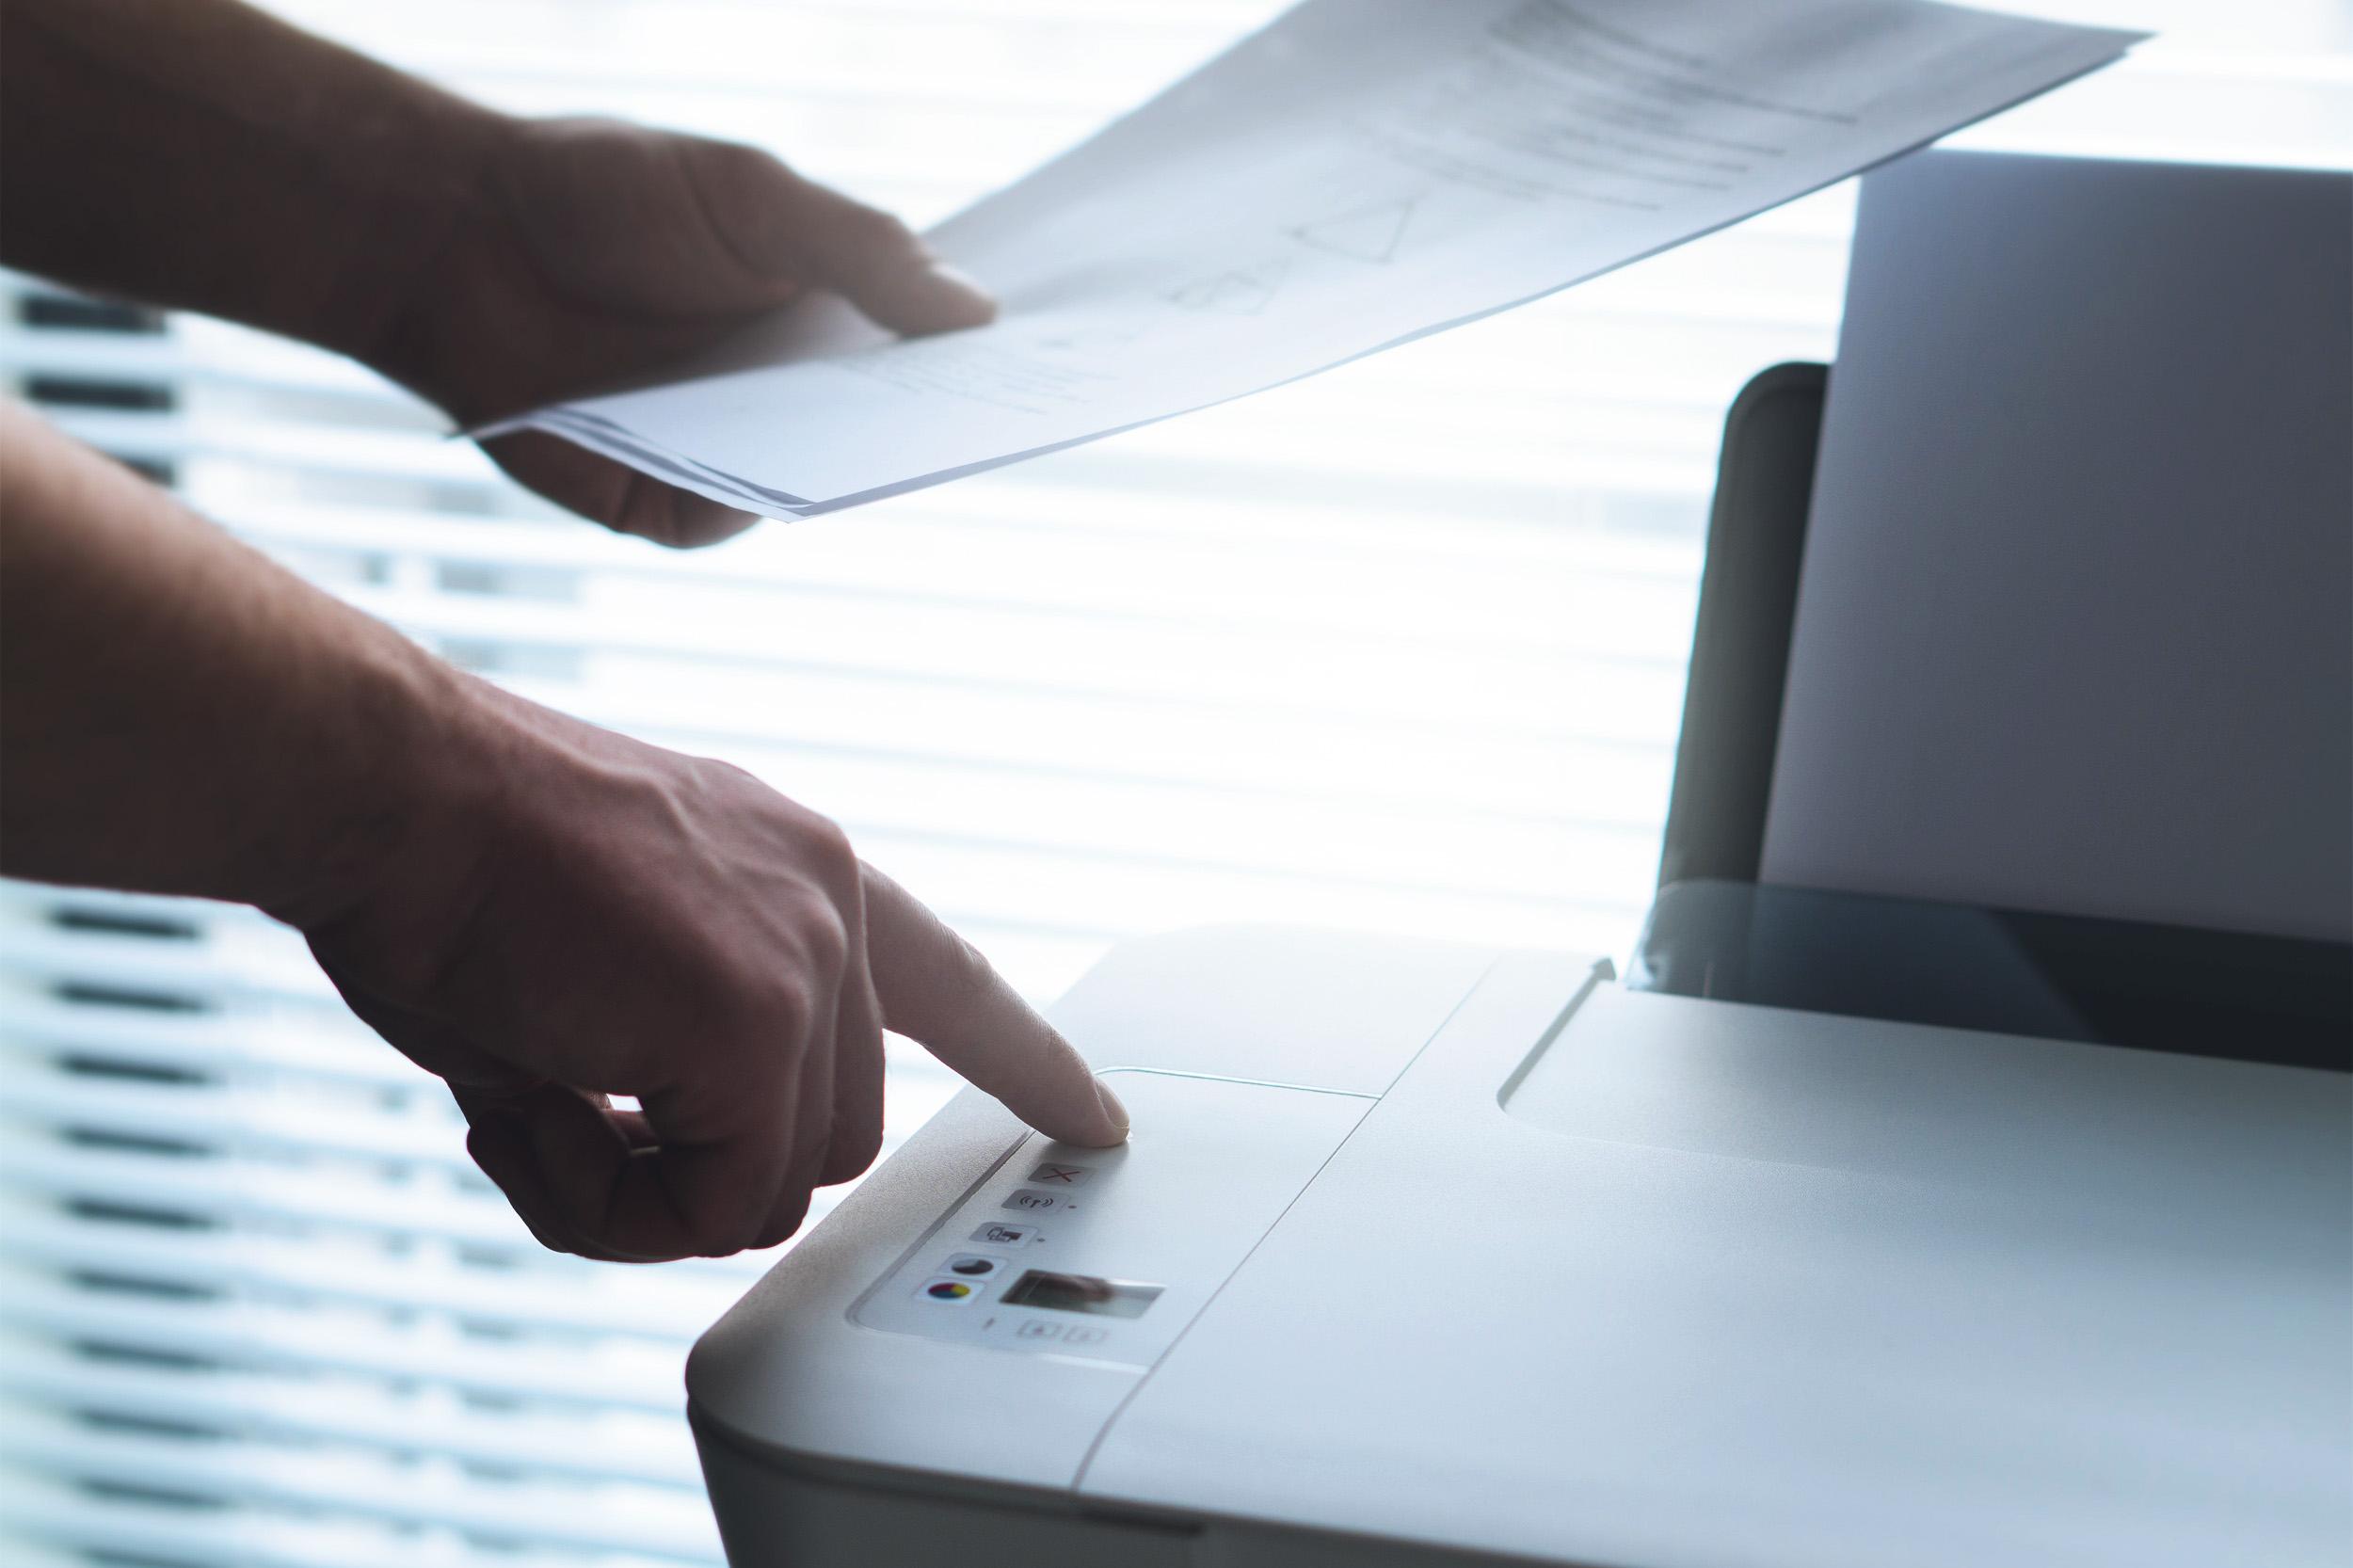 Você precisa garantir total sigilo de seus documentos e não sabe como?